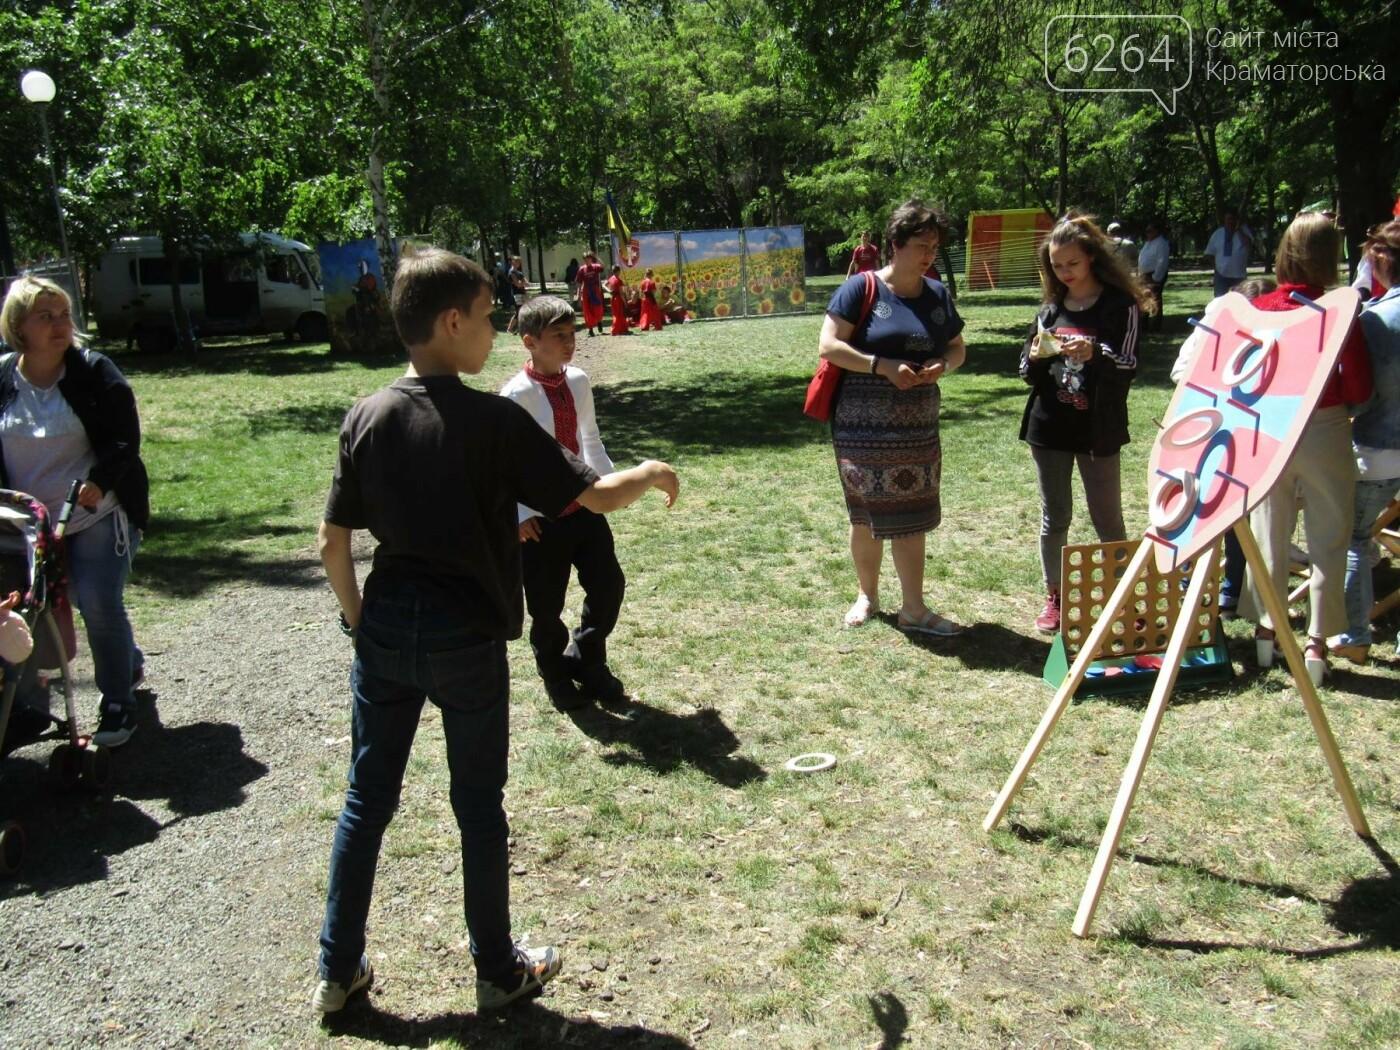 «Фестиваль семьи» порадовал жителей Краматорска, фото-4